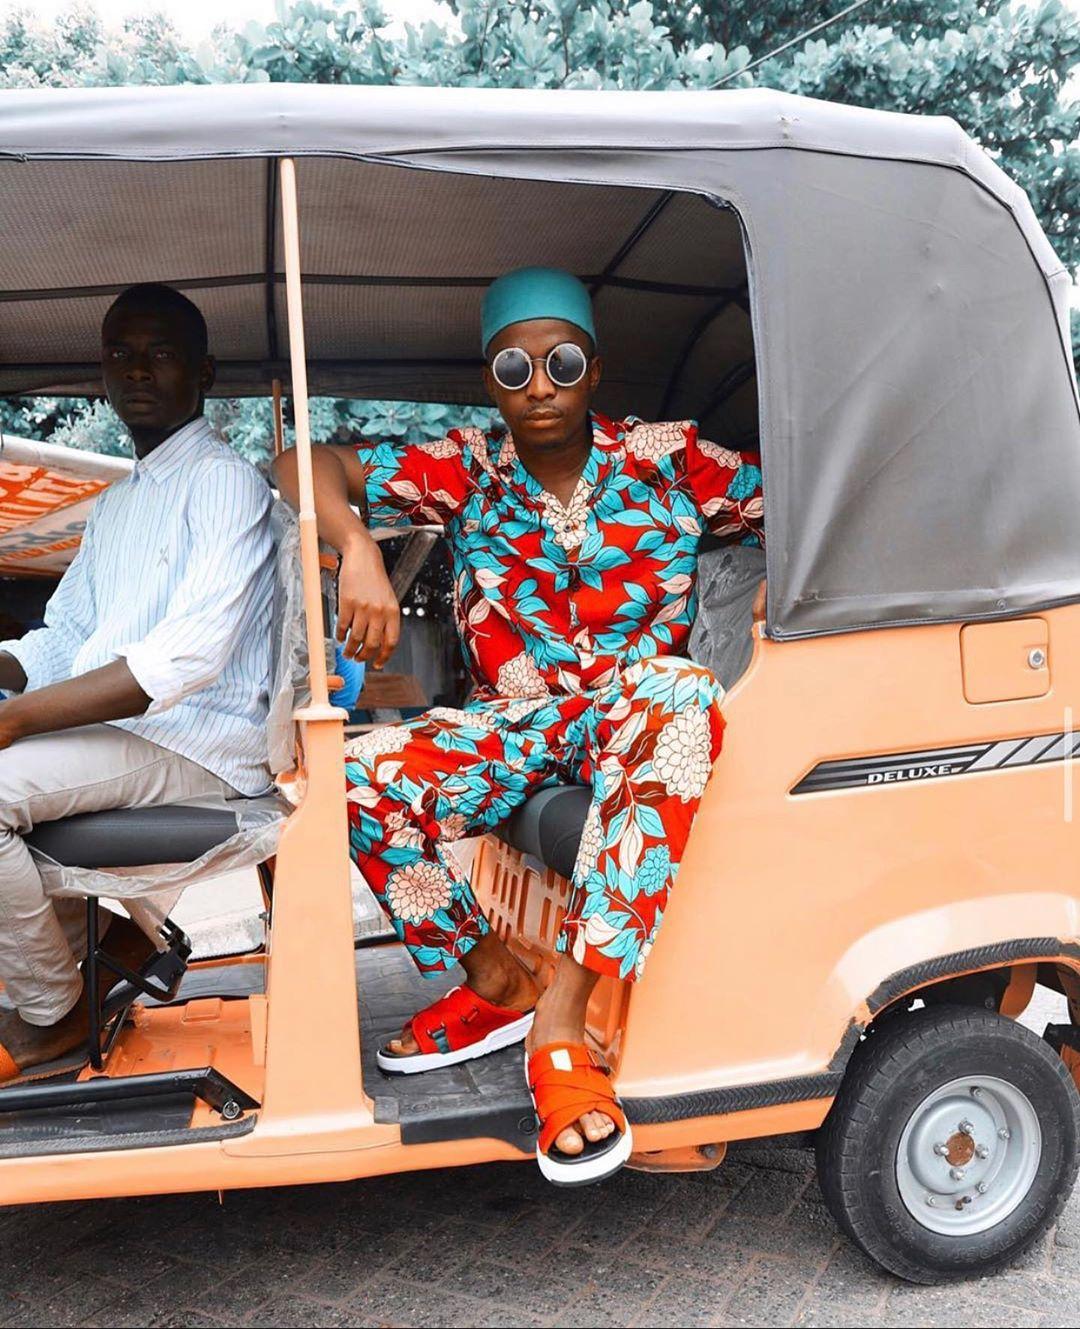 i-african-Afrika-eyindoda-yamadoda-ashushu-kwamuva-isimbo-se-rave